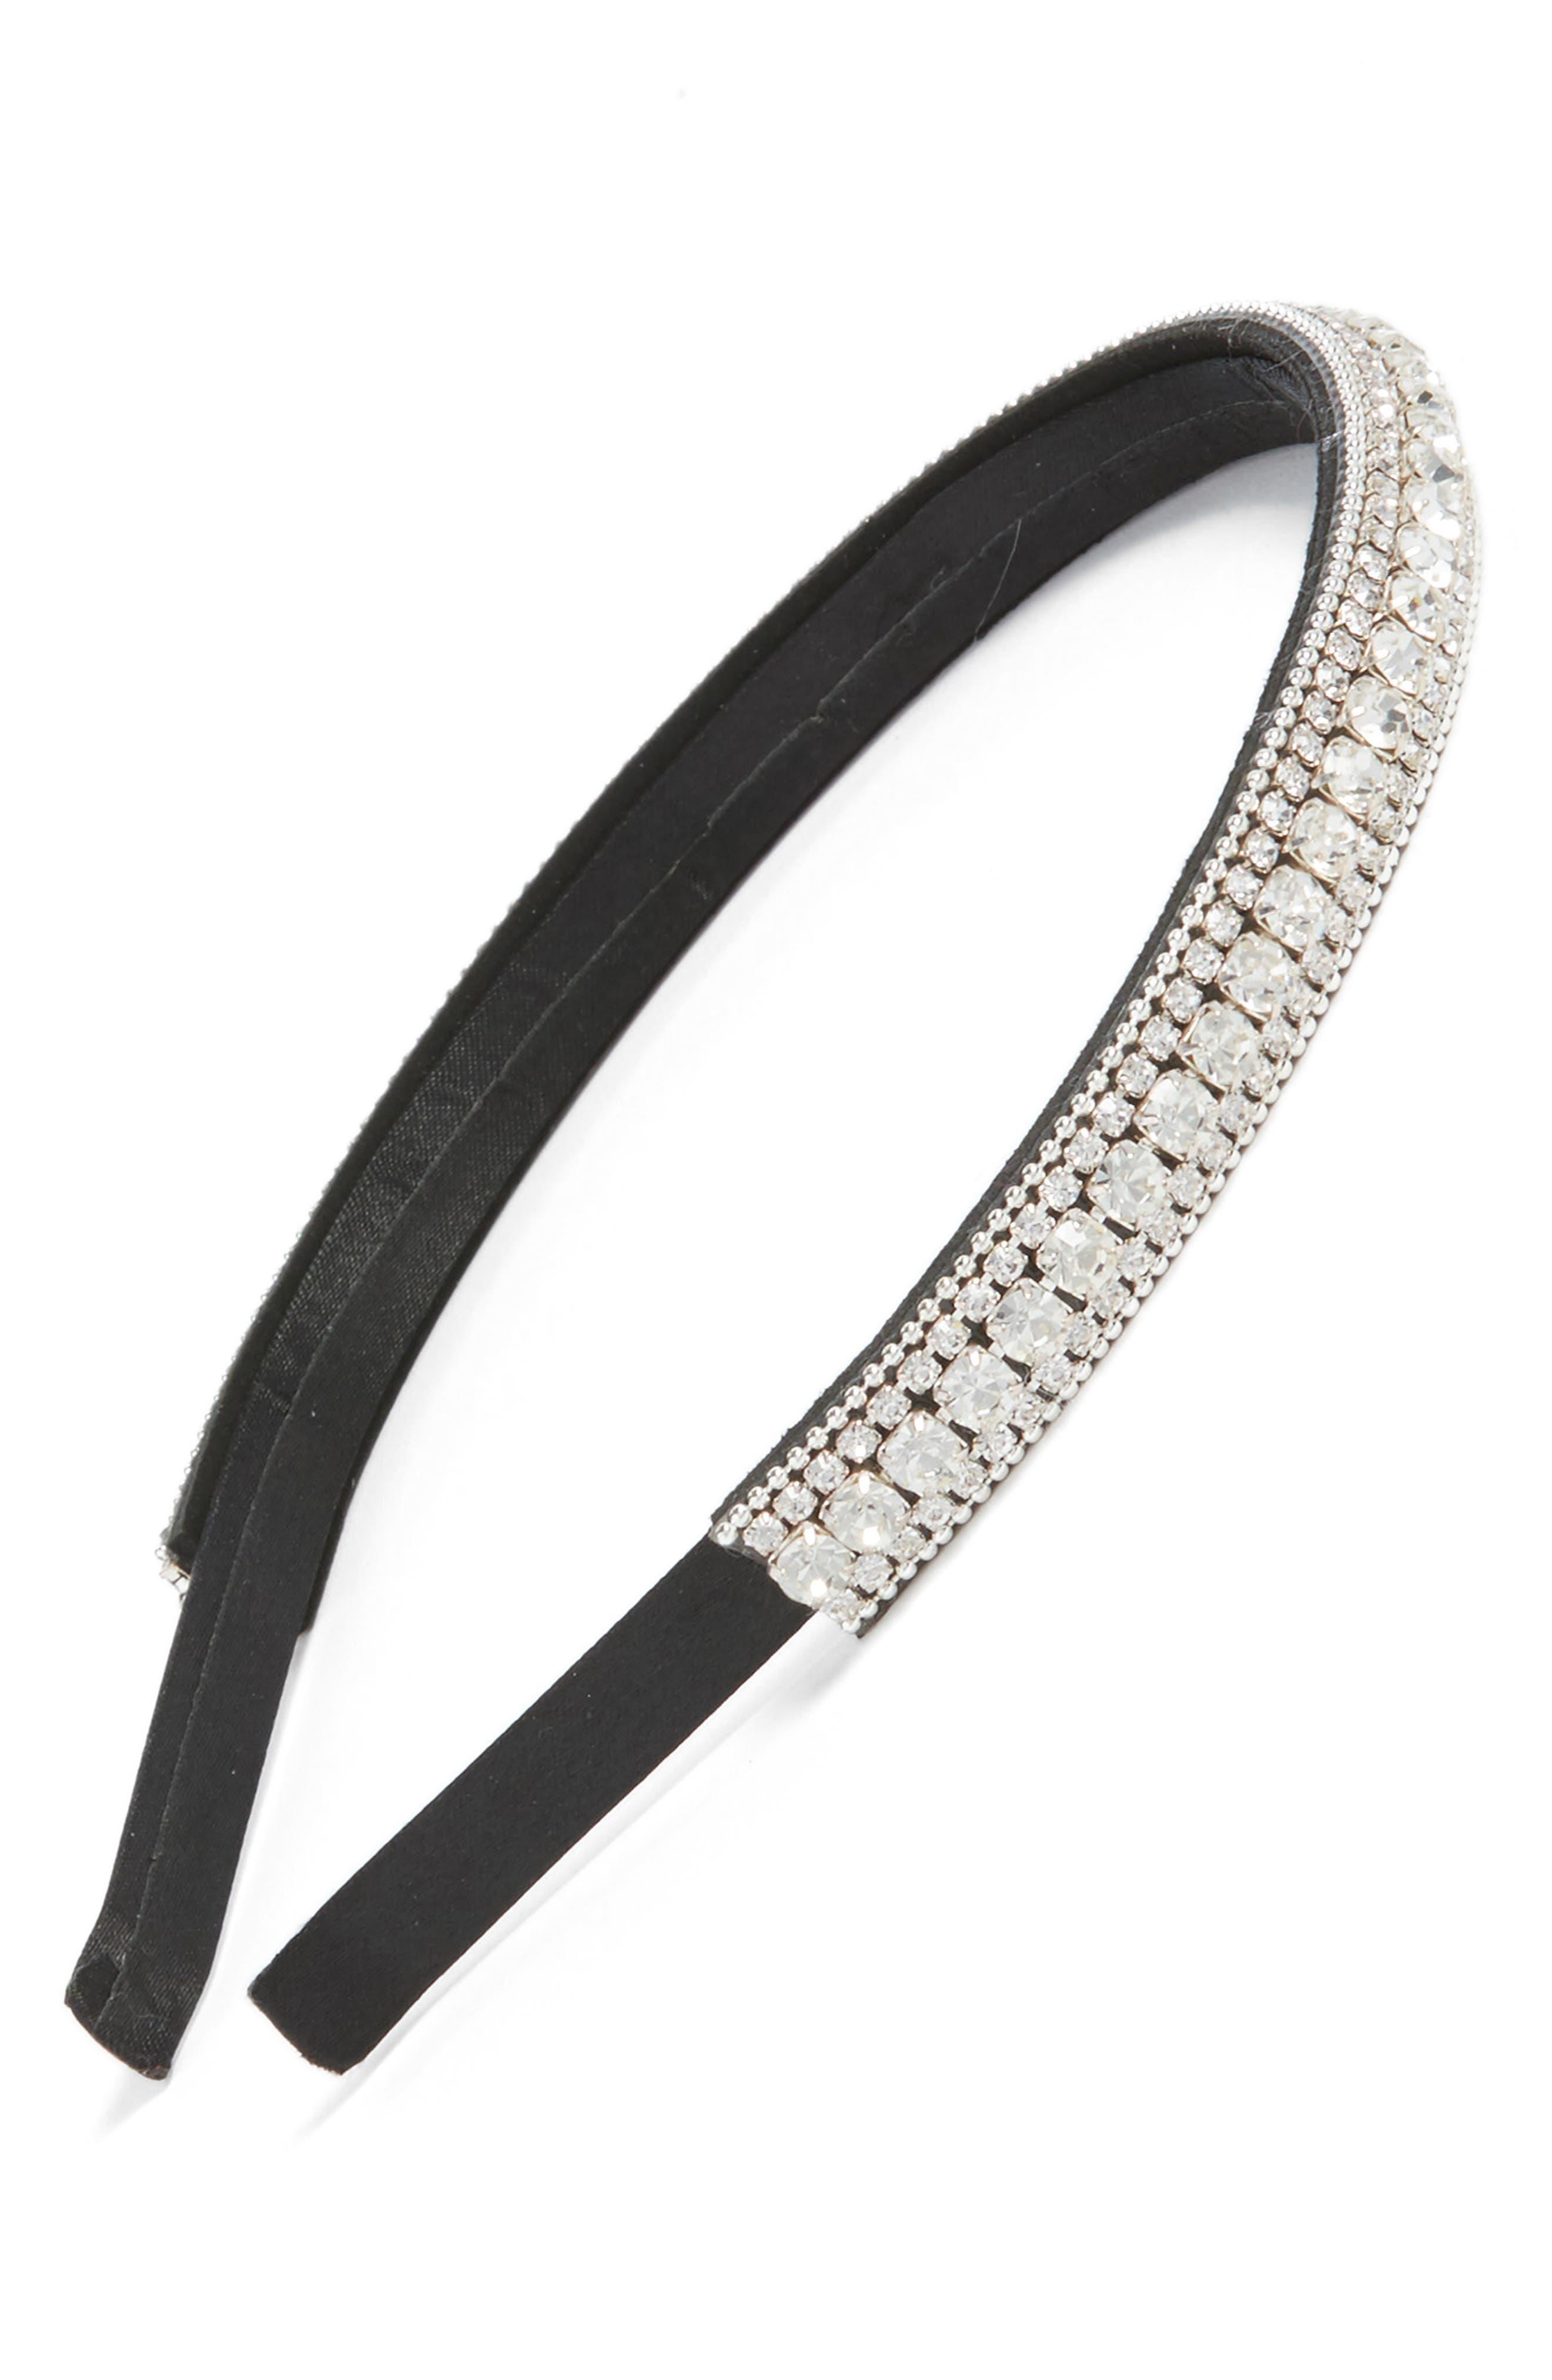 Tasha Rock Crystal Headband